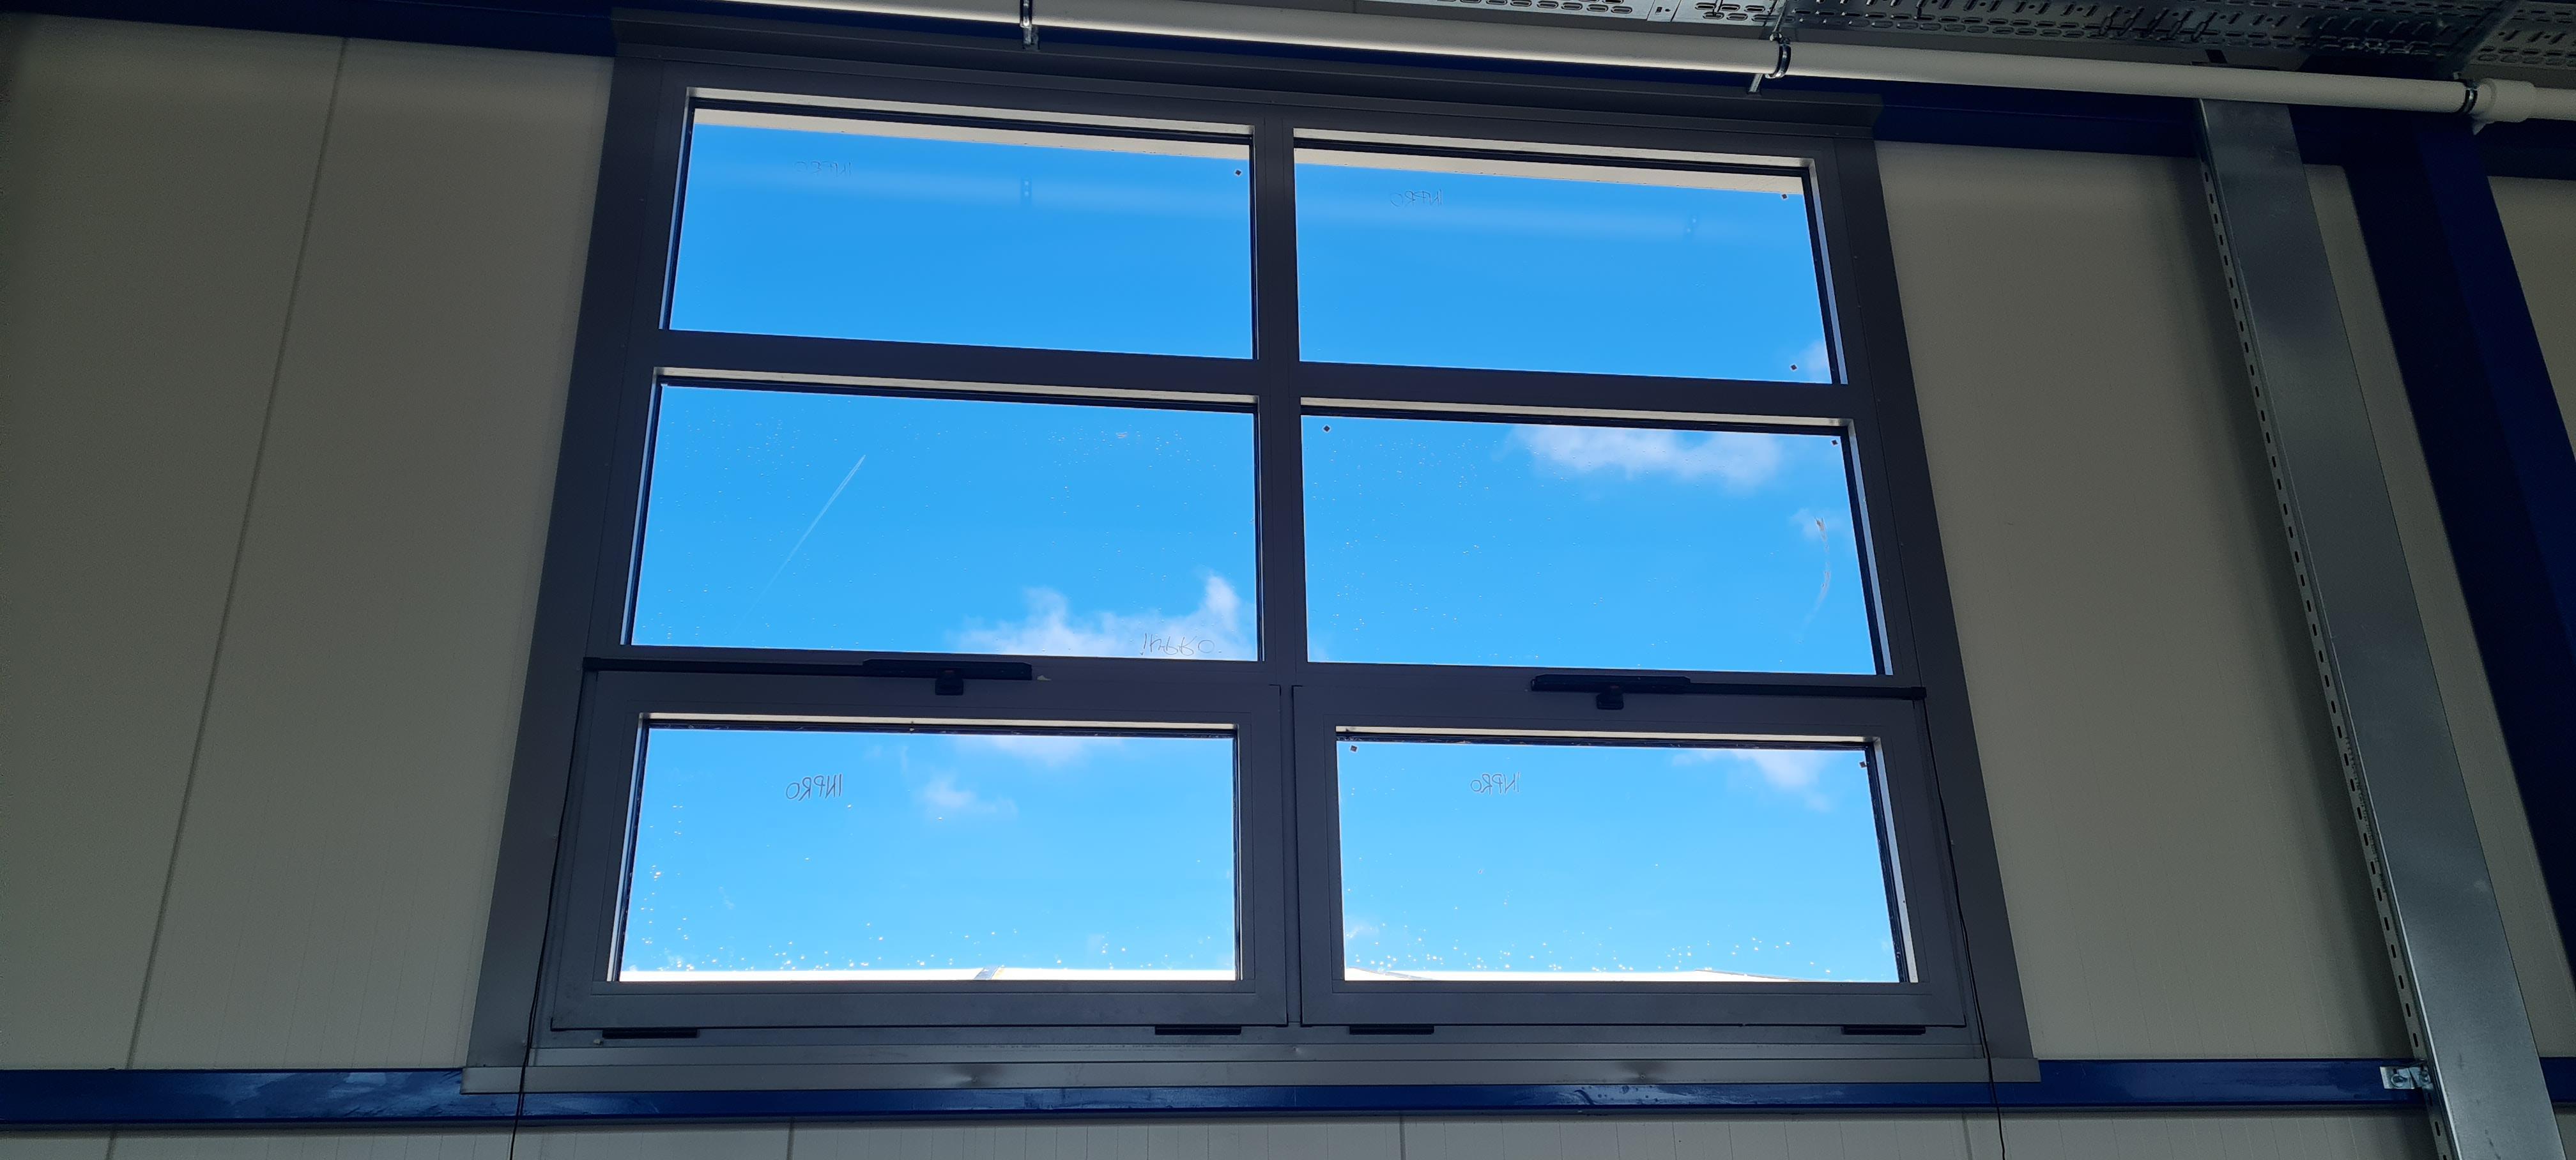 GRP Centar - Proizvodna hala - PVC prozor - Unutrašnji izgled